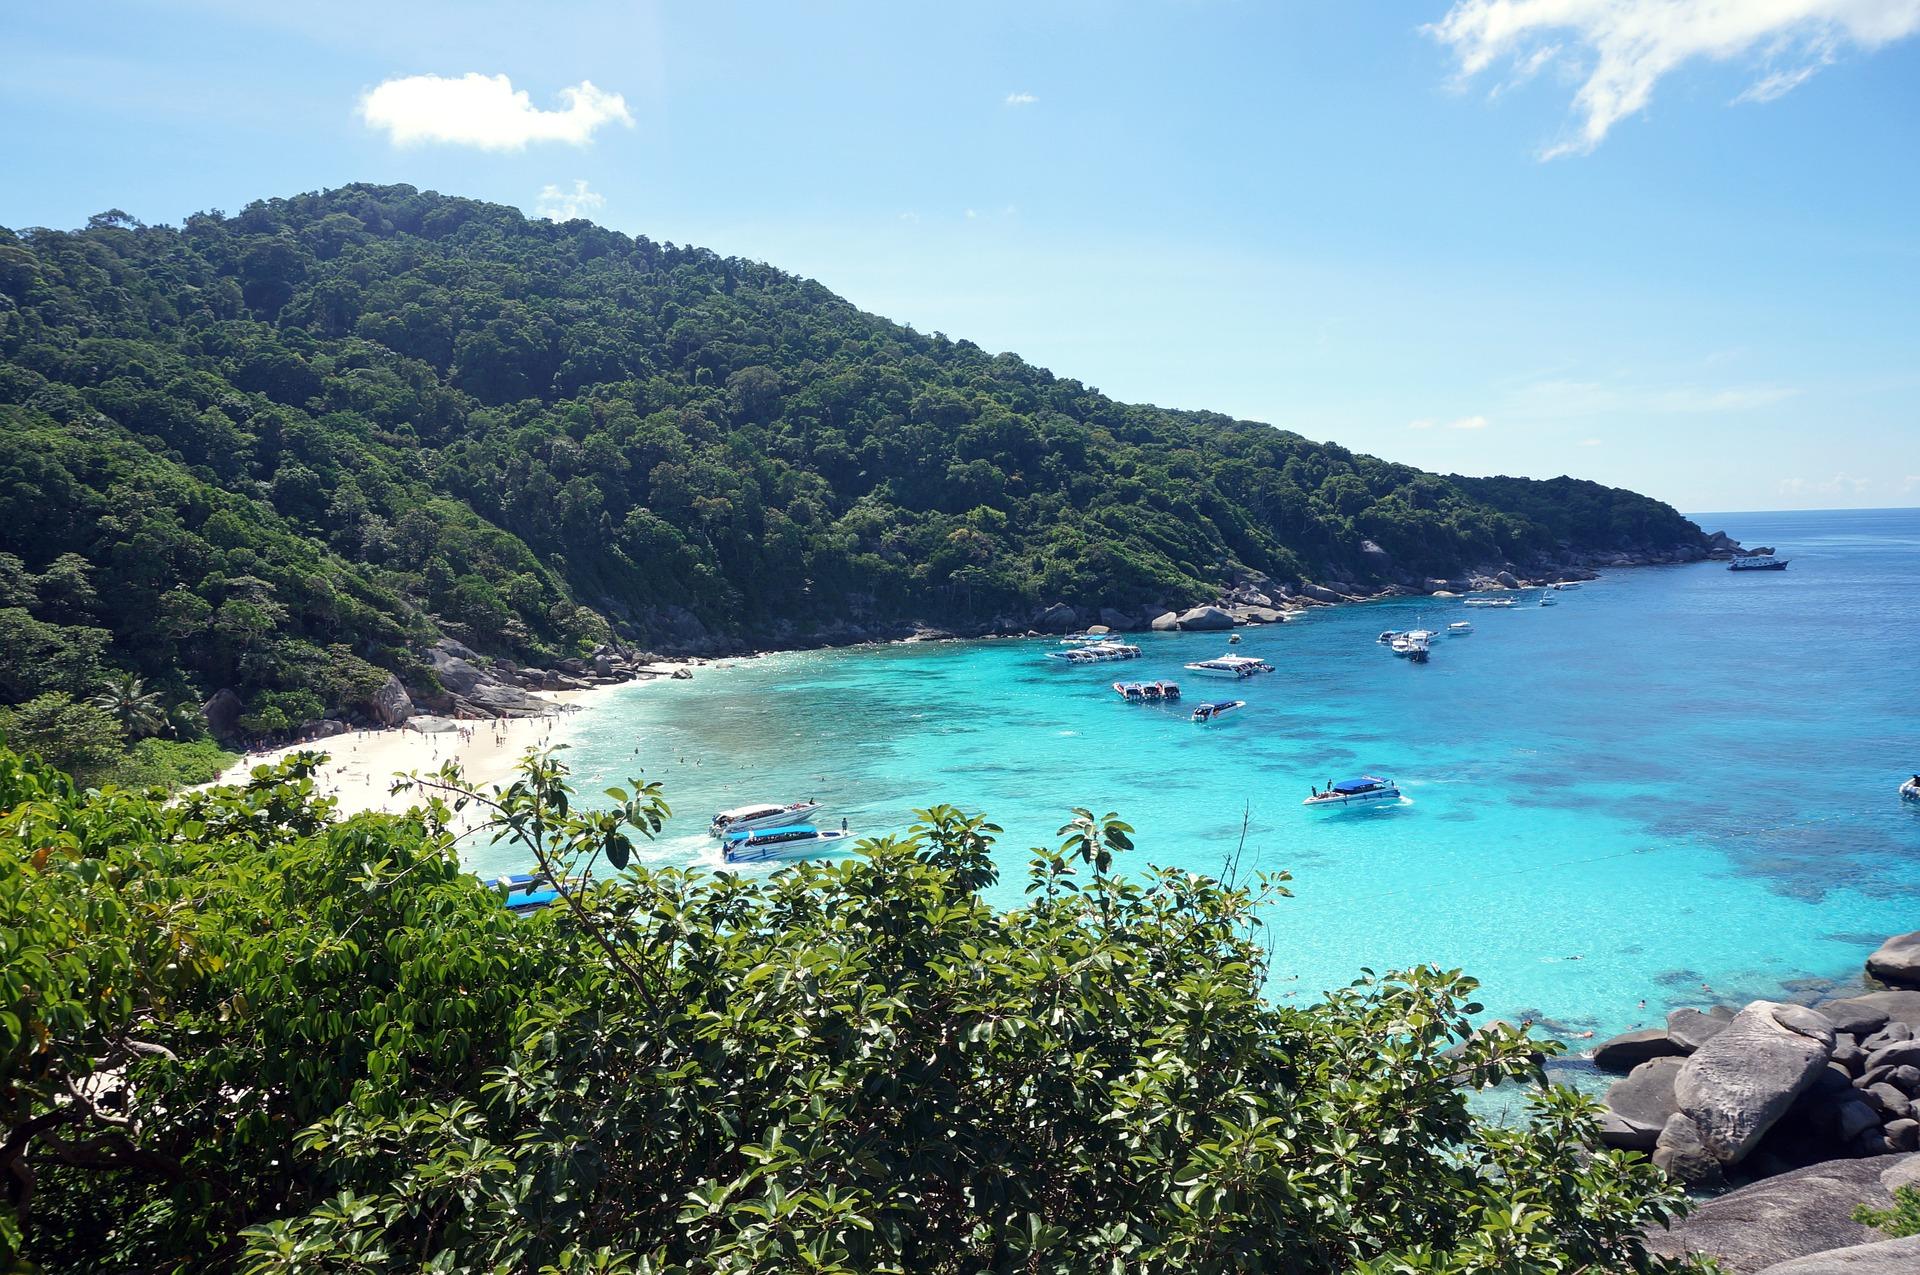 Welke nationale parken in Thailand worden jaarlijks gesloten?